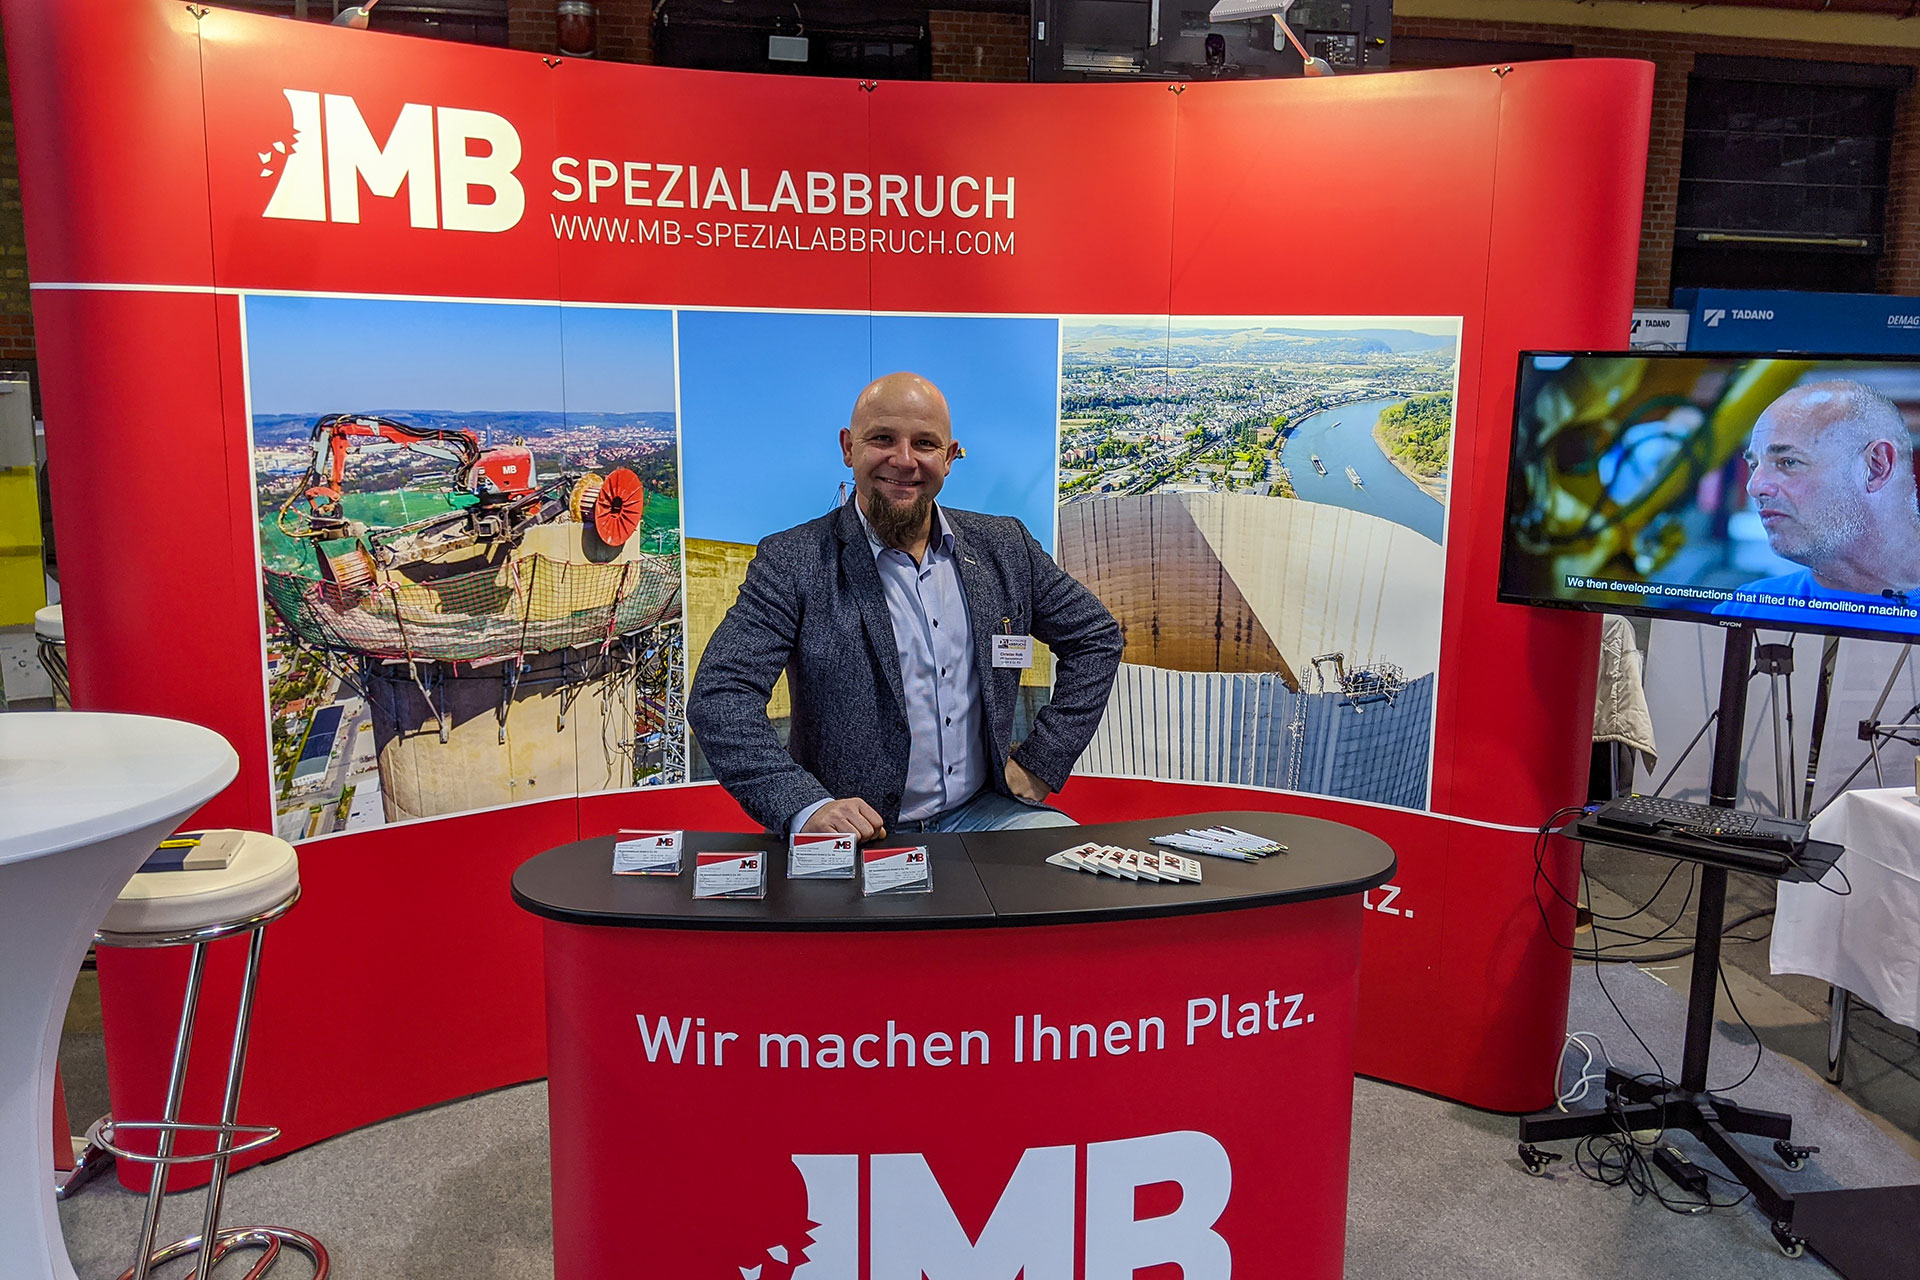 MB Spezialabbruch auf der Fachtagung Abbruch 2020 in Berlin